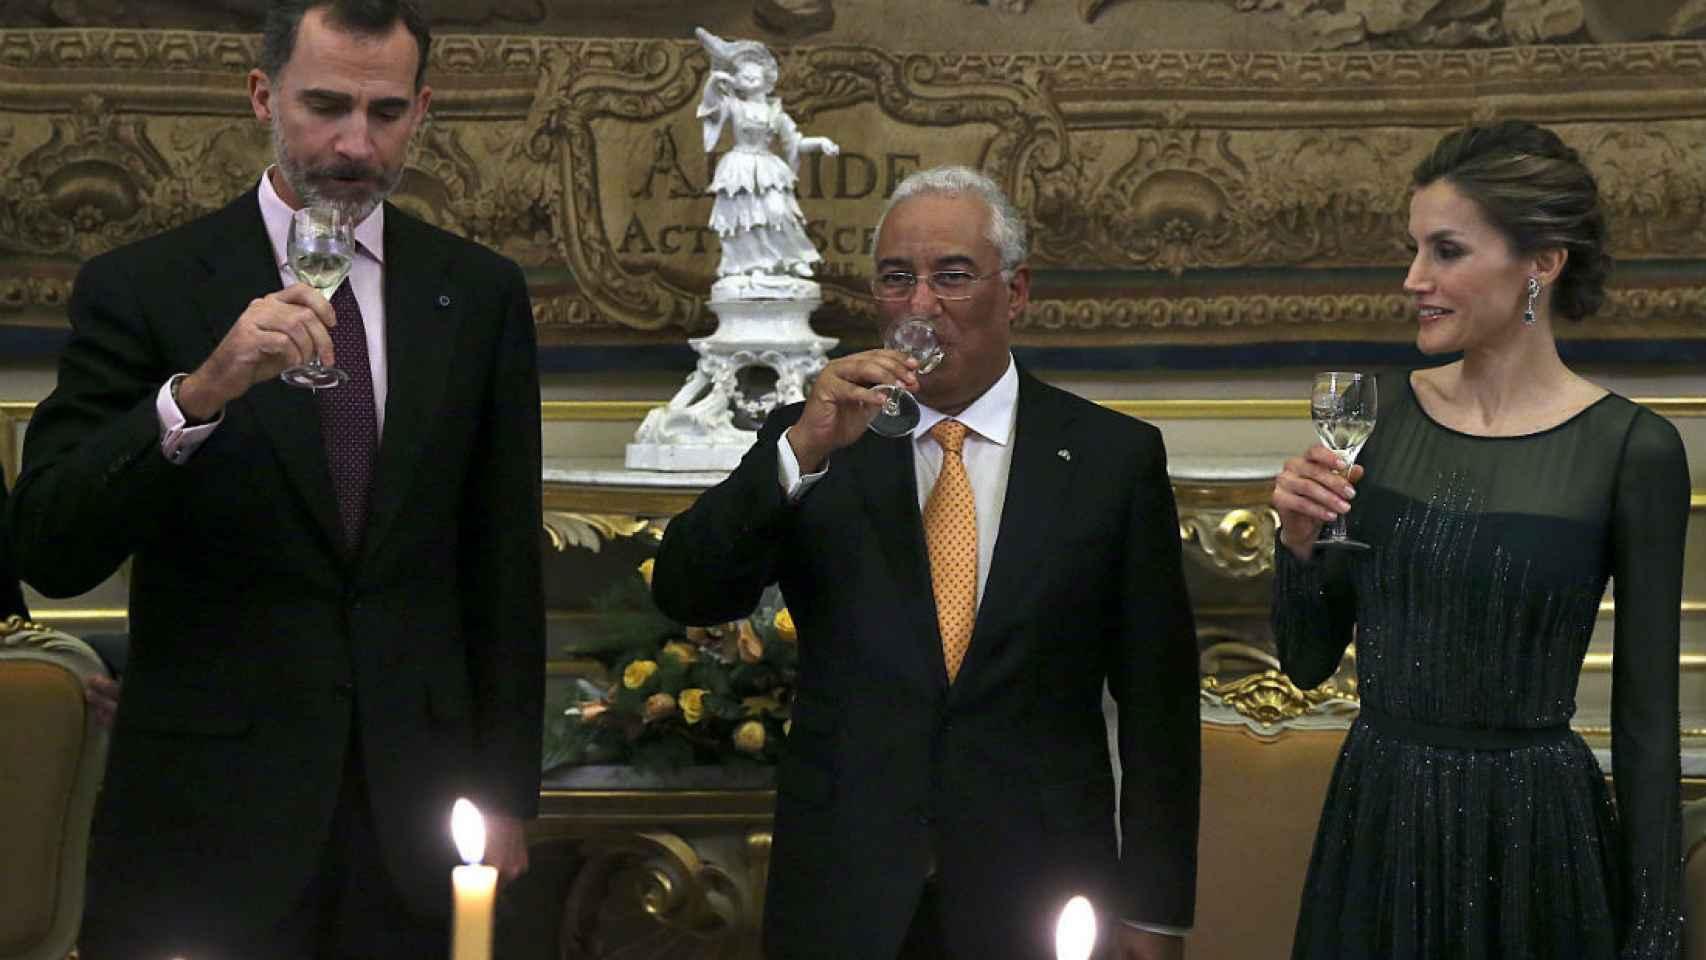 El primer ministro de Portugal, Antonio Costa (c), hace un brindis en honor a los reyes Felipe VI y Letizia.